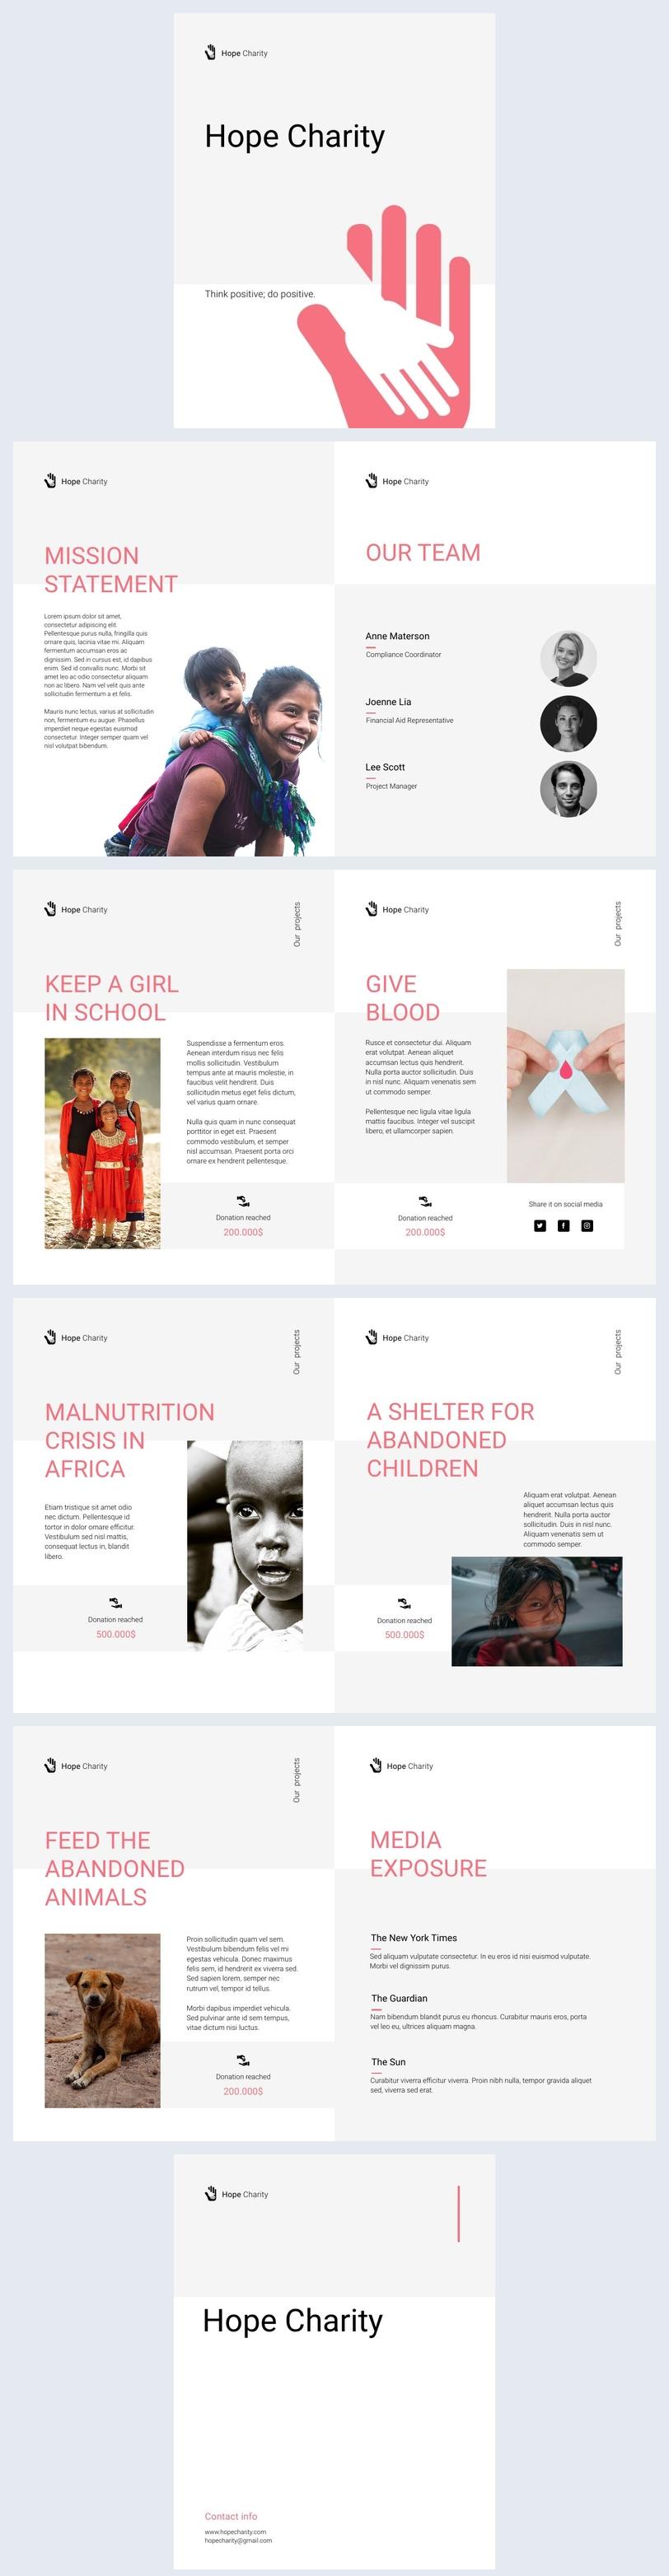 Ejemplo de diseño interactivo para flip book de beneficencia